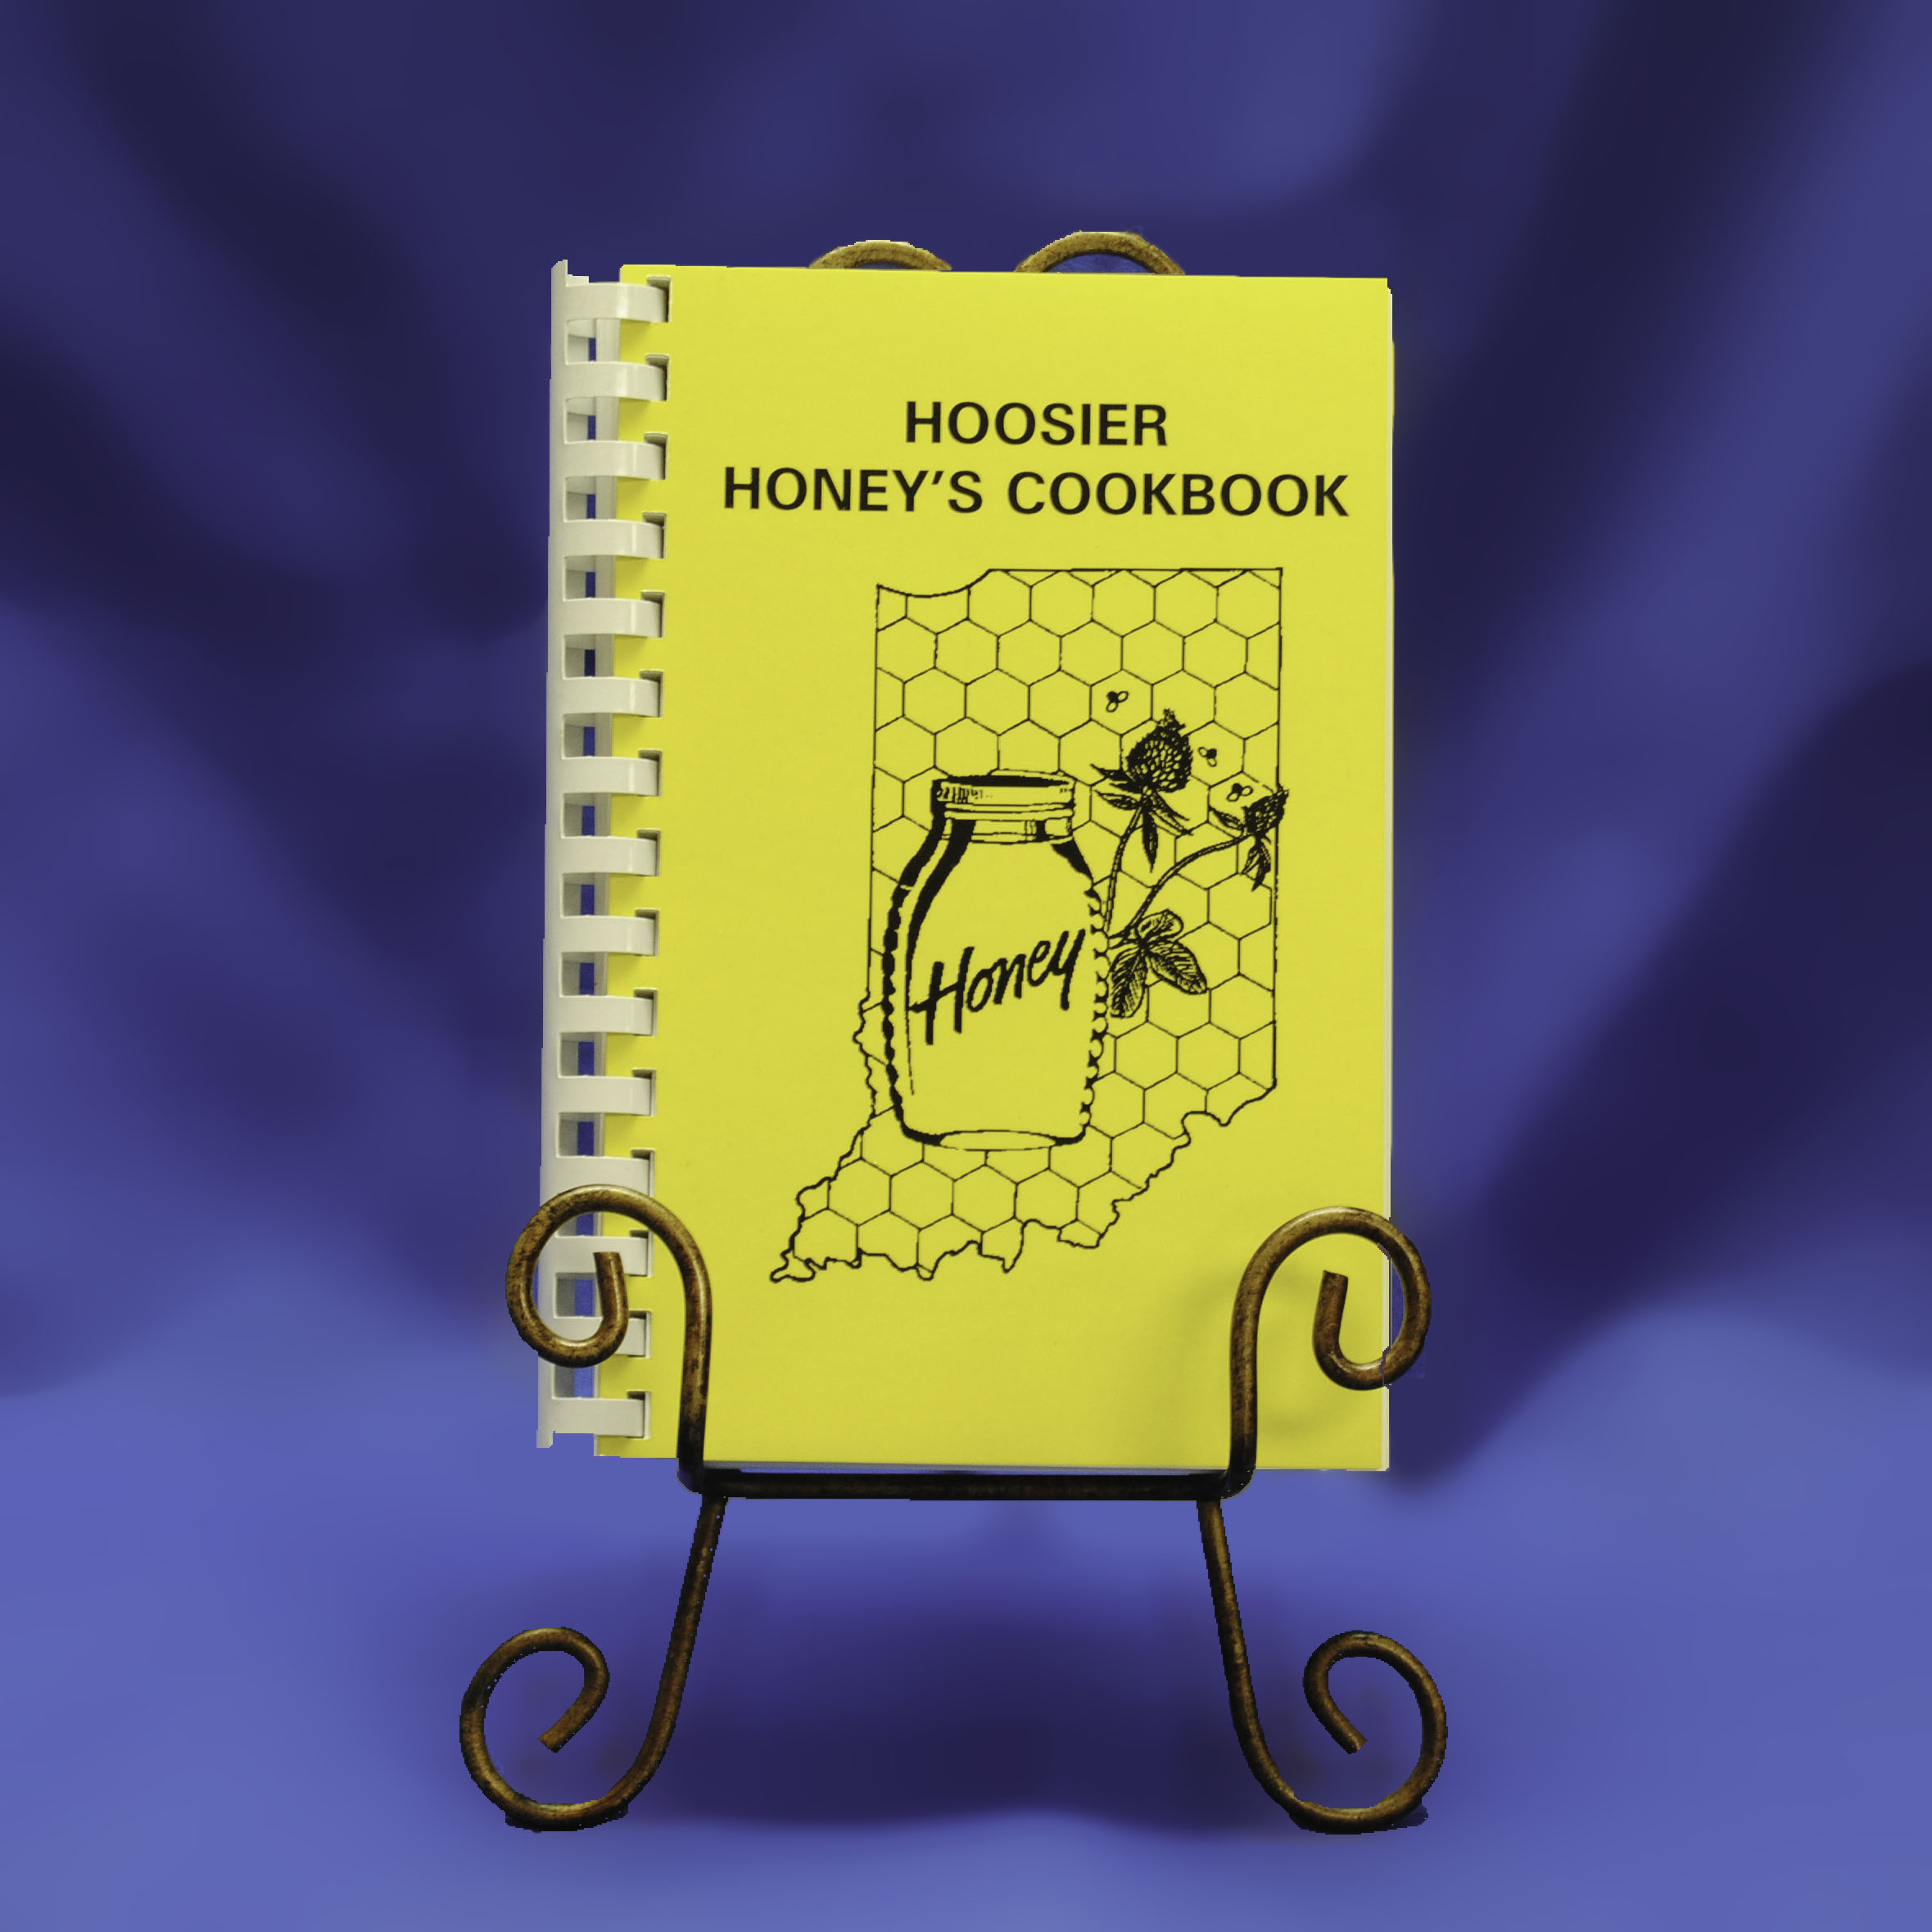 Hoosier Honey's Cookbook